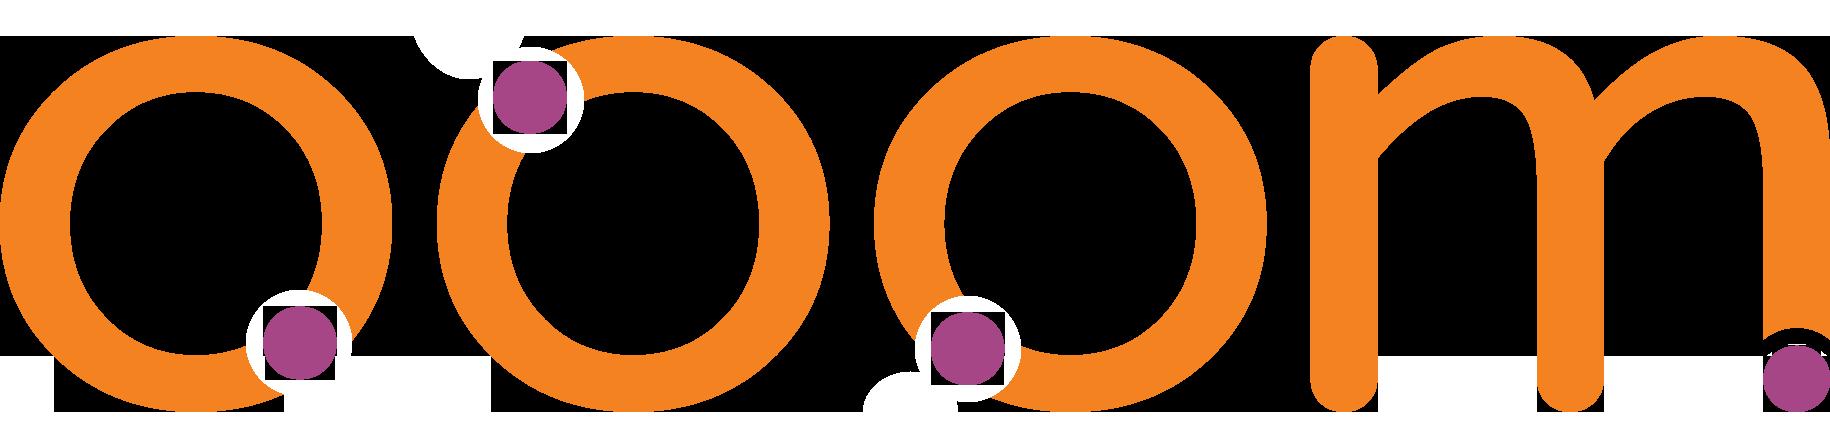 Создание сайта в Москве